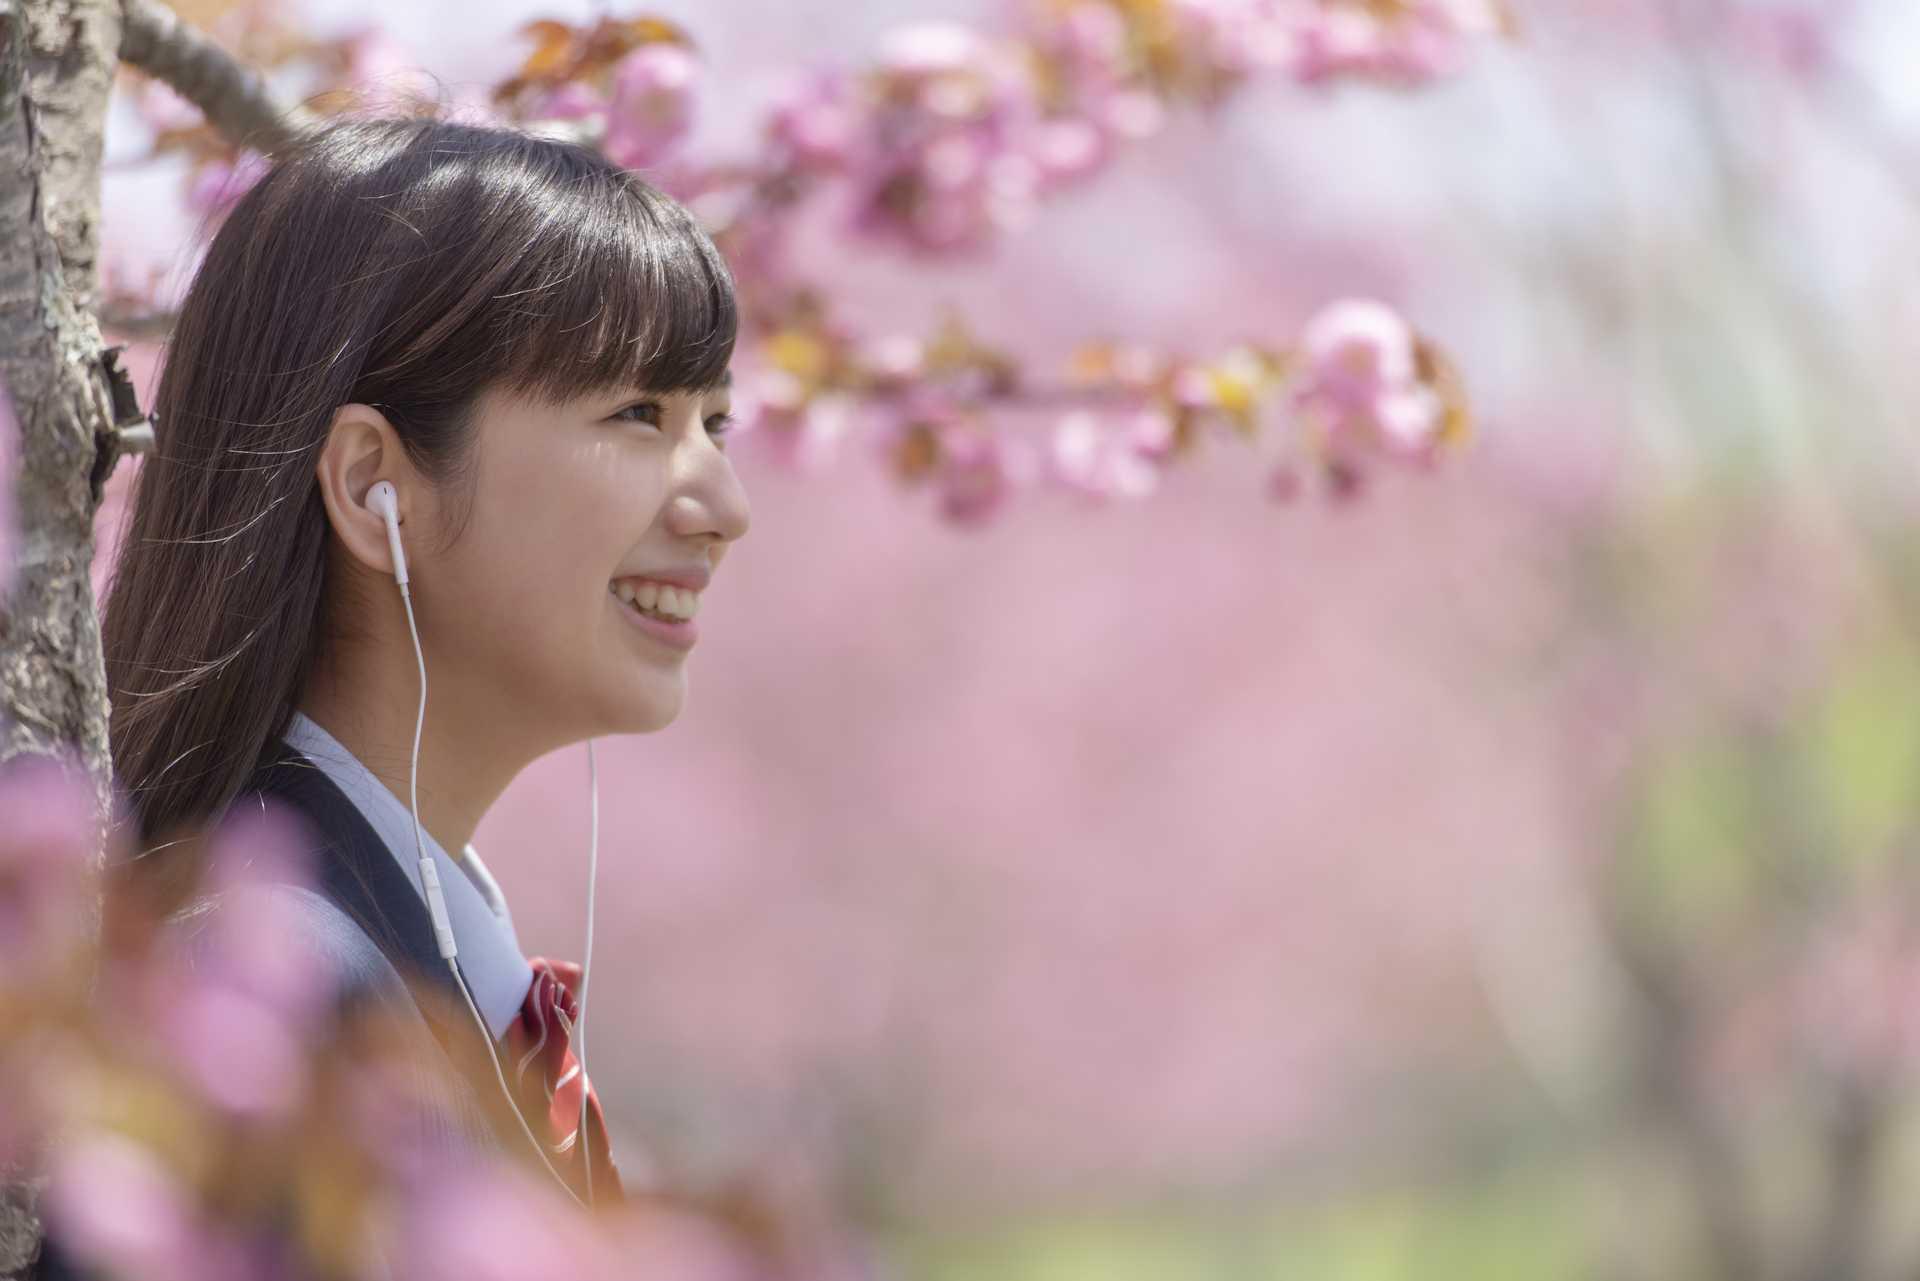 朝は、音楽から元気をもらおう。 | 早寝早起きの生活で人生を変える30の方法